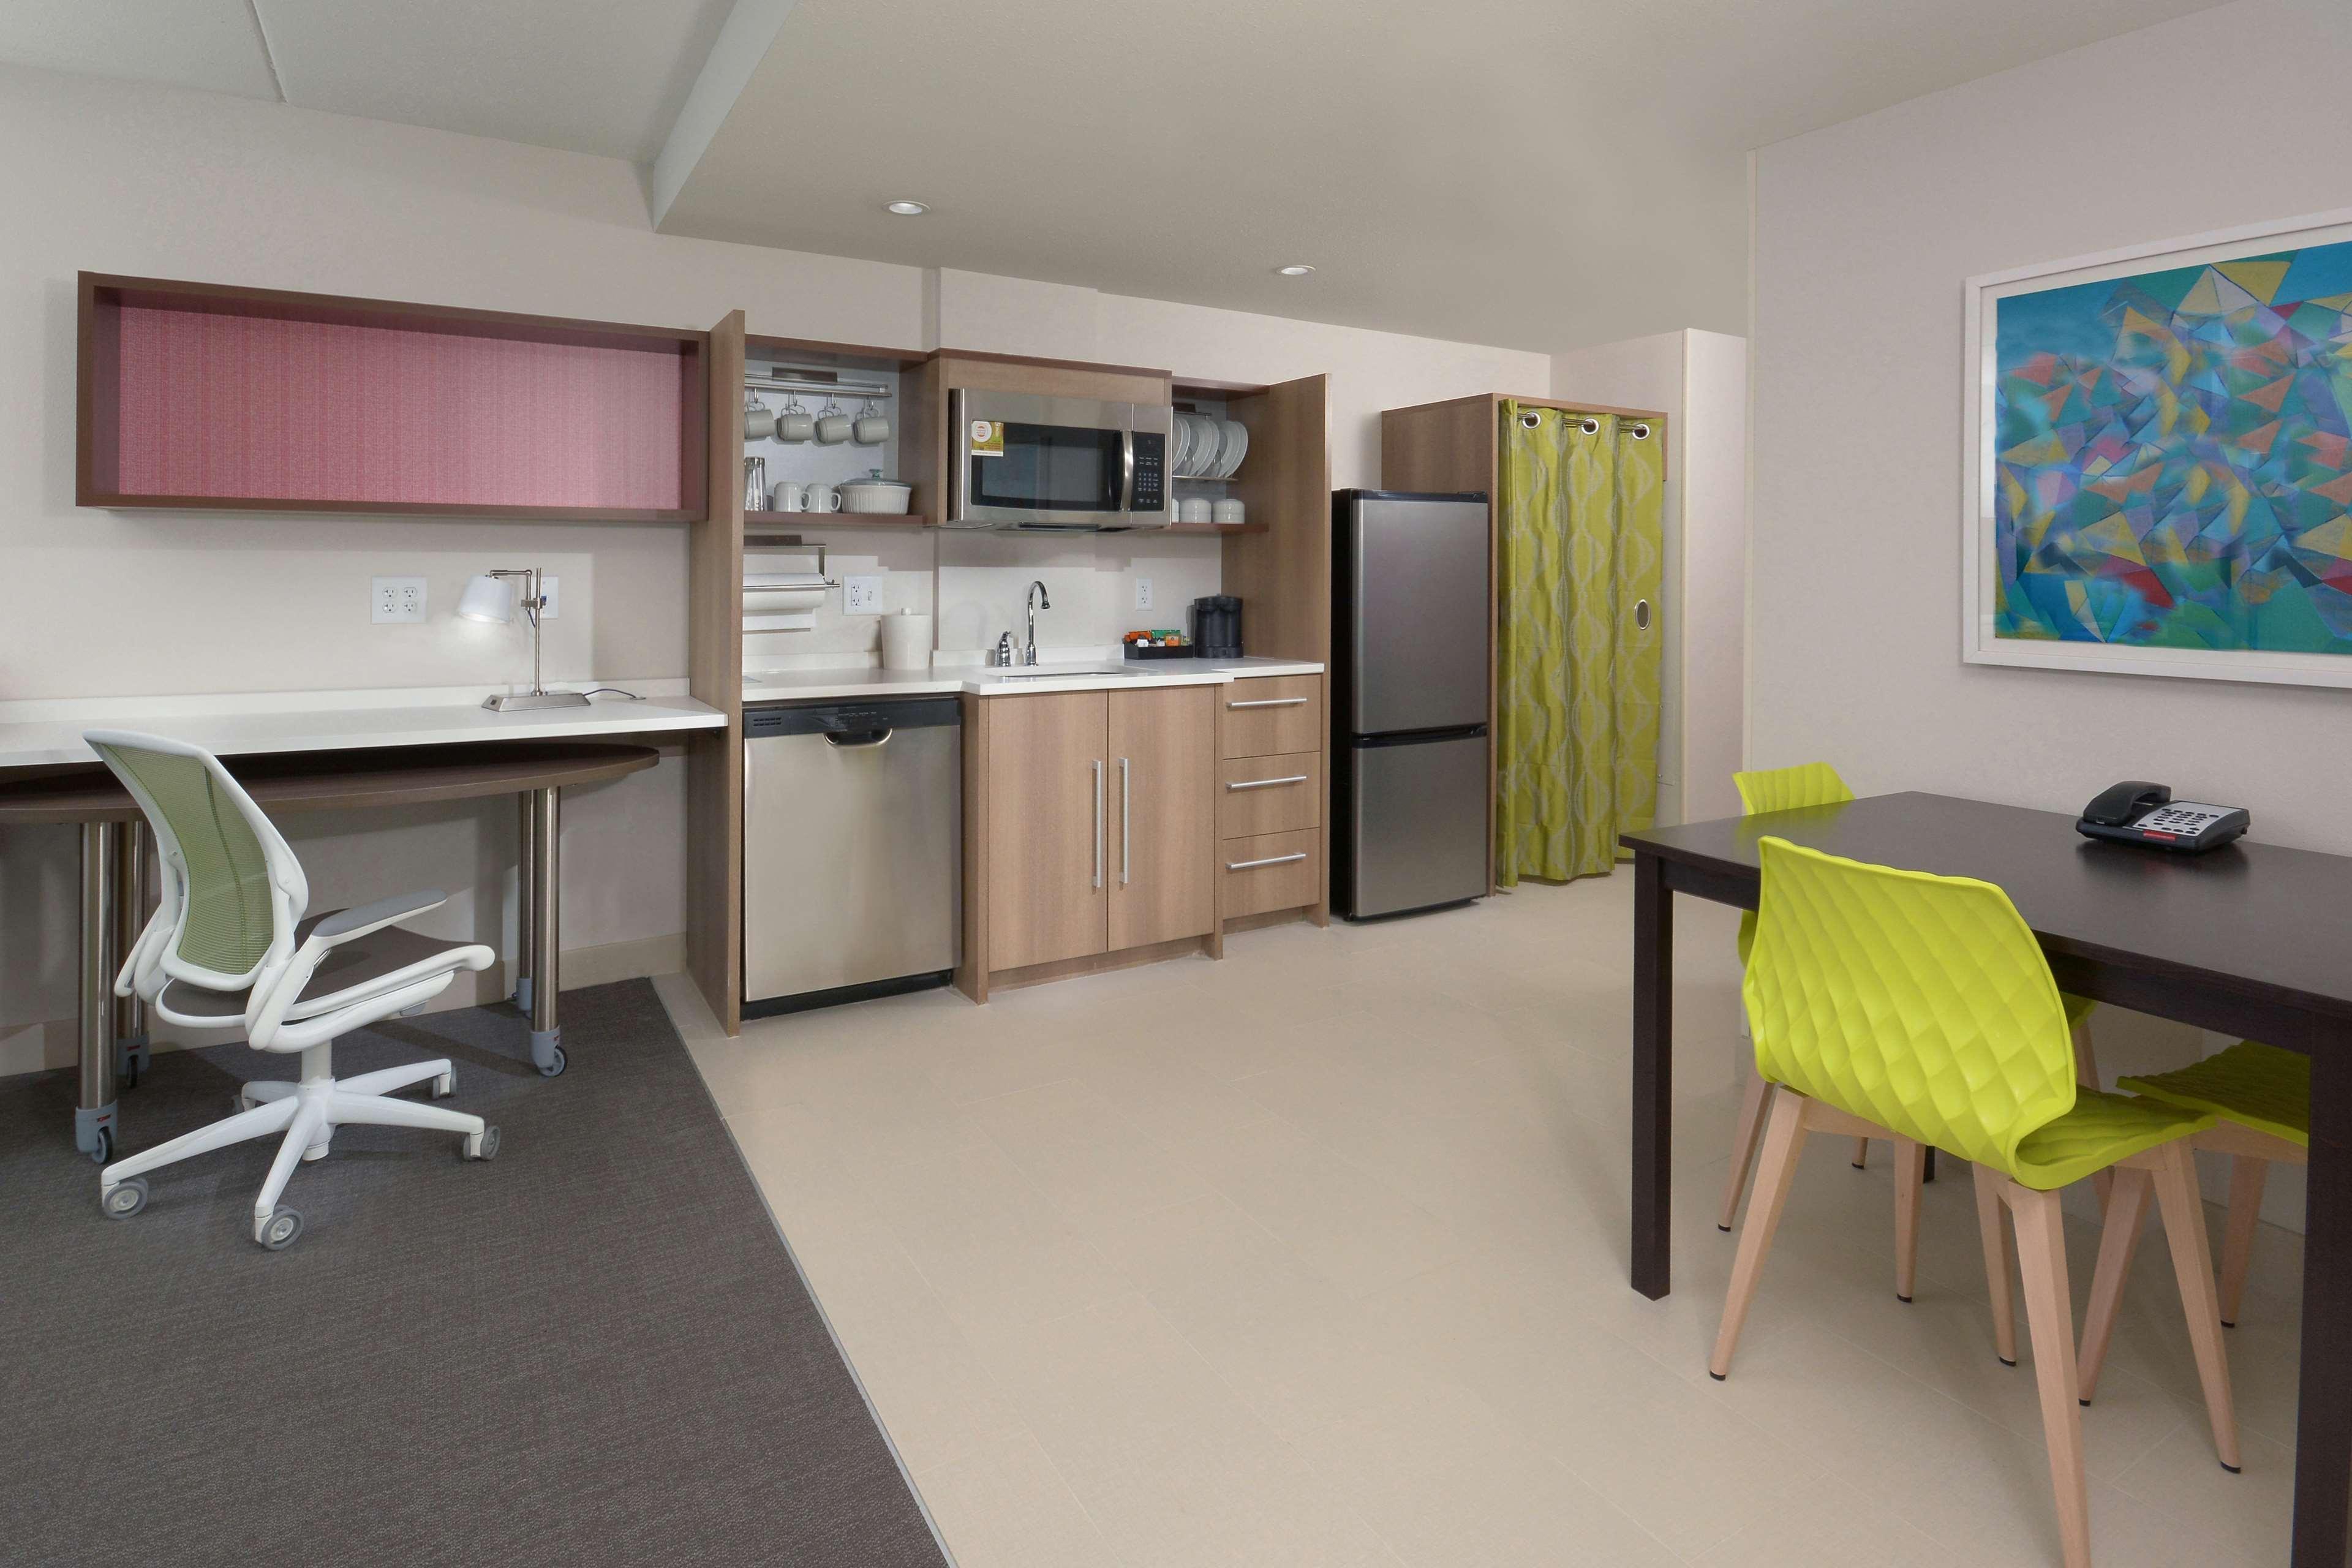 Home2 Suites by Hilton Duncan image 19